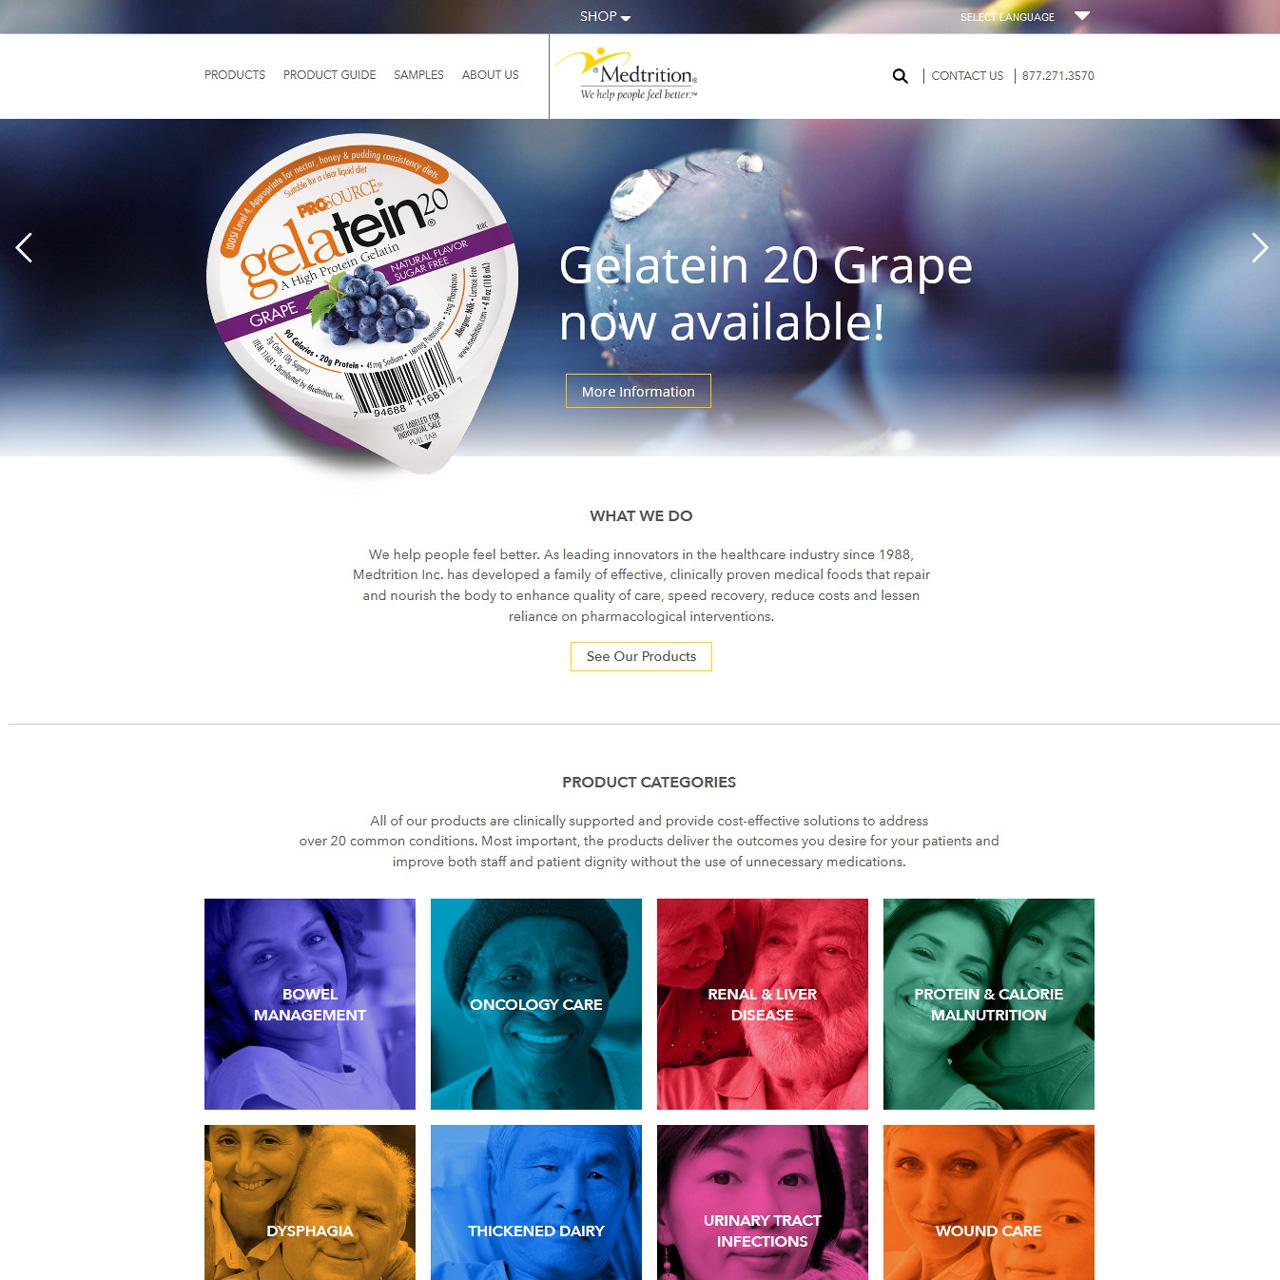 Medtrition medical foods website design